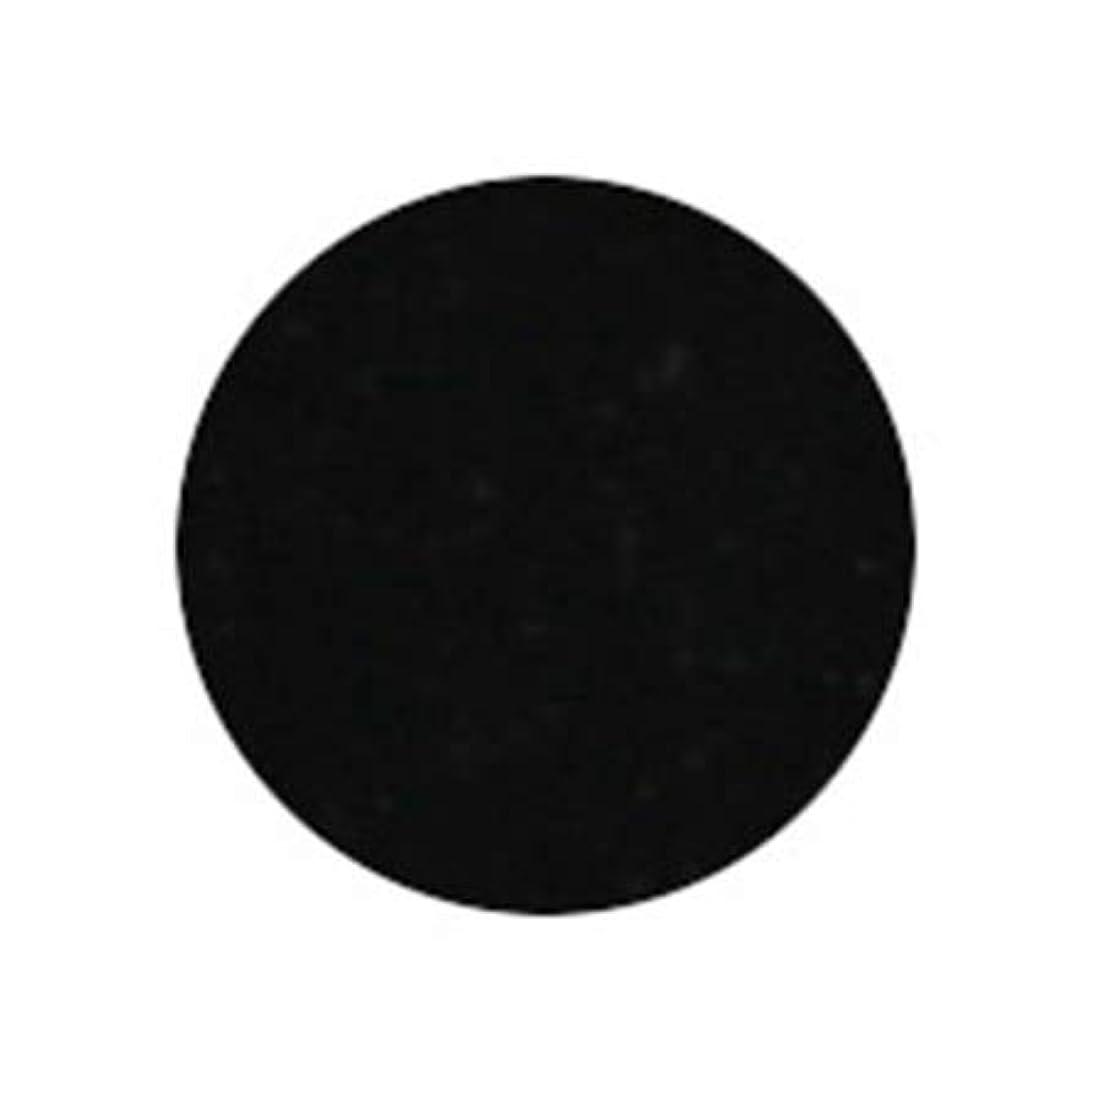 インサートペパーミント許可Putiel プティール カラージェル 501 ブラック 4g